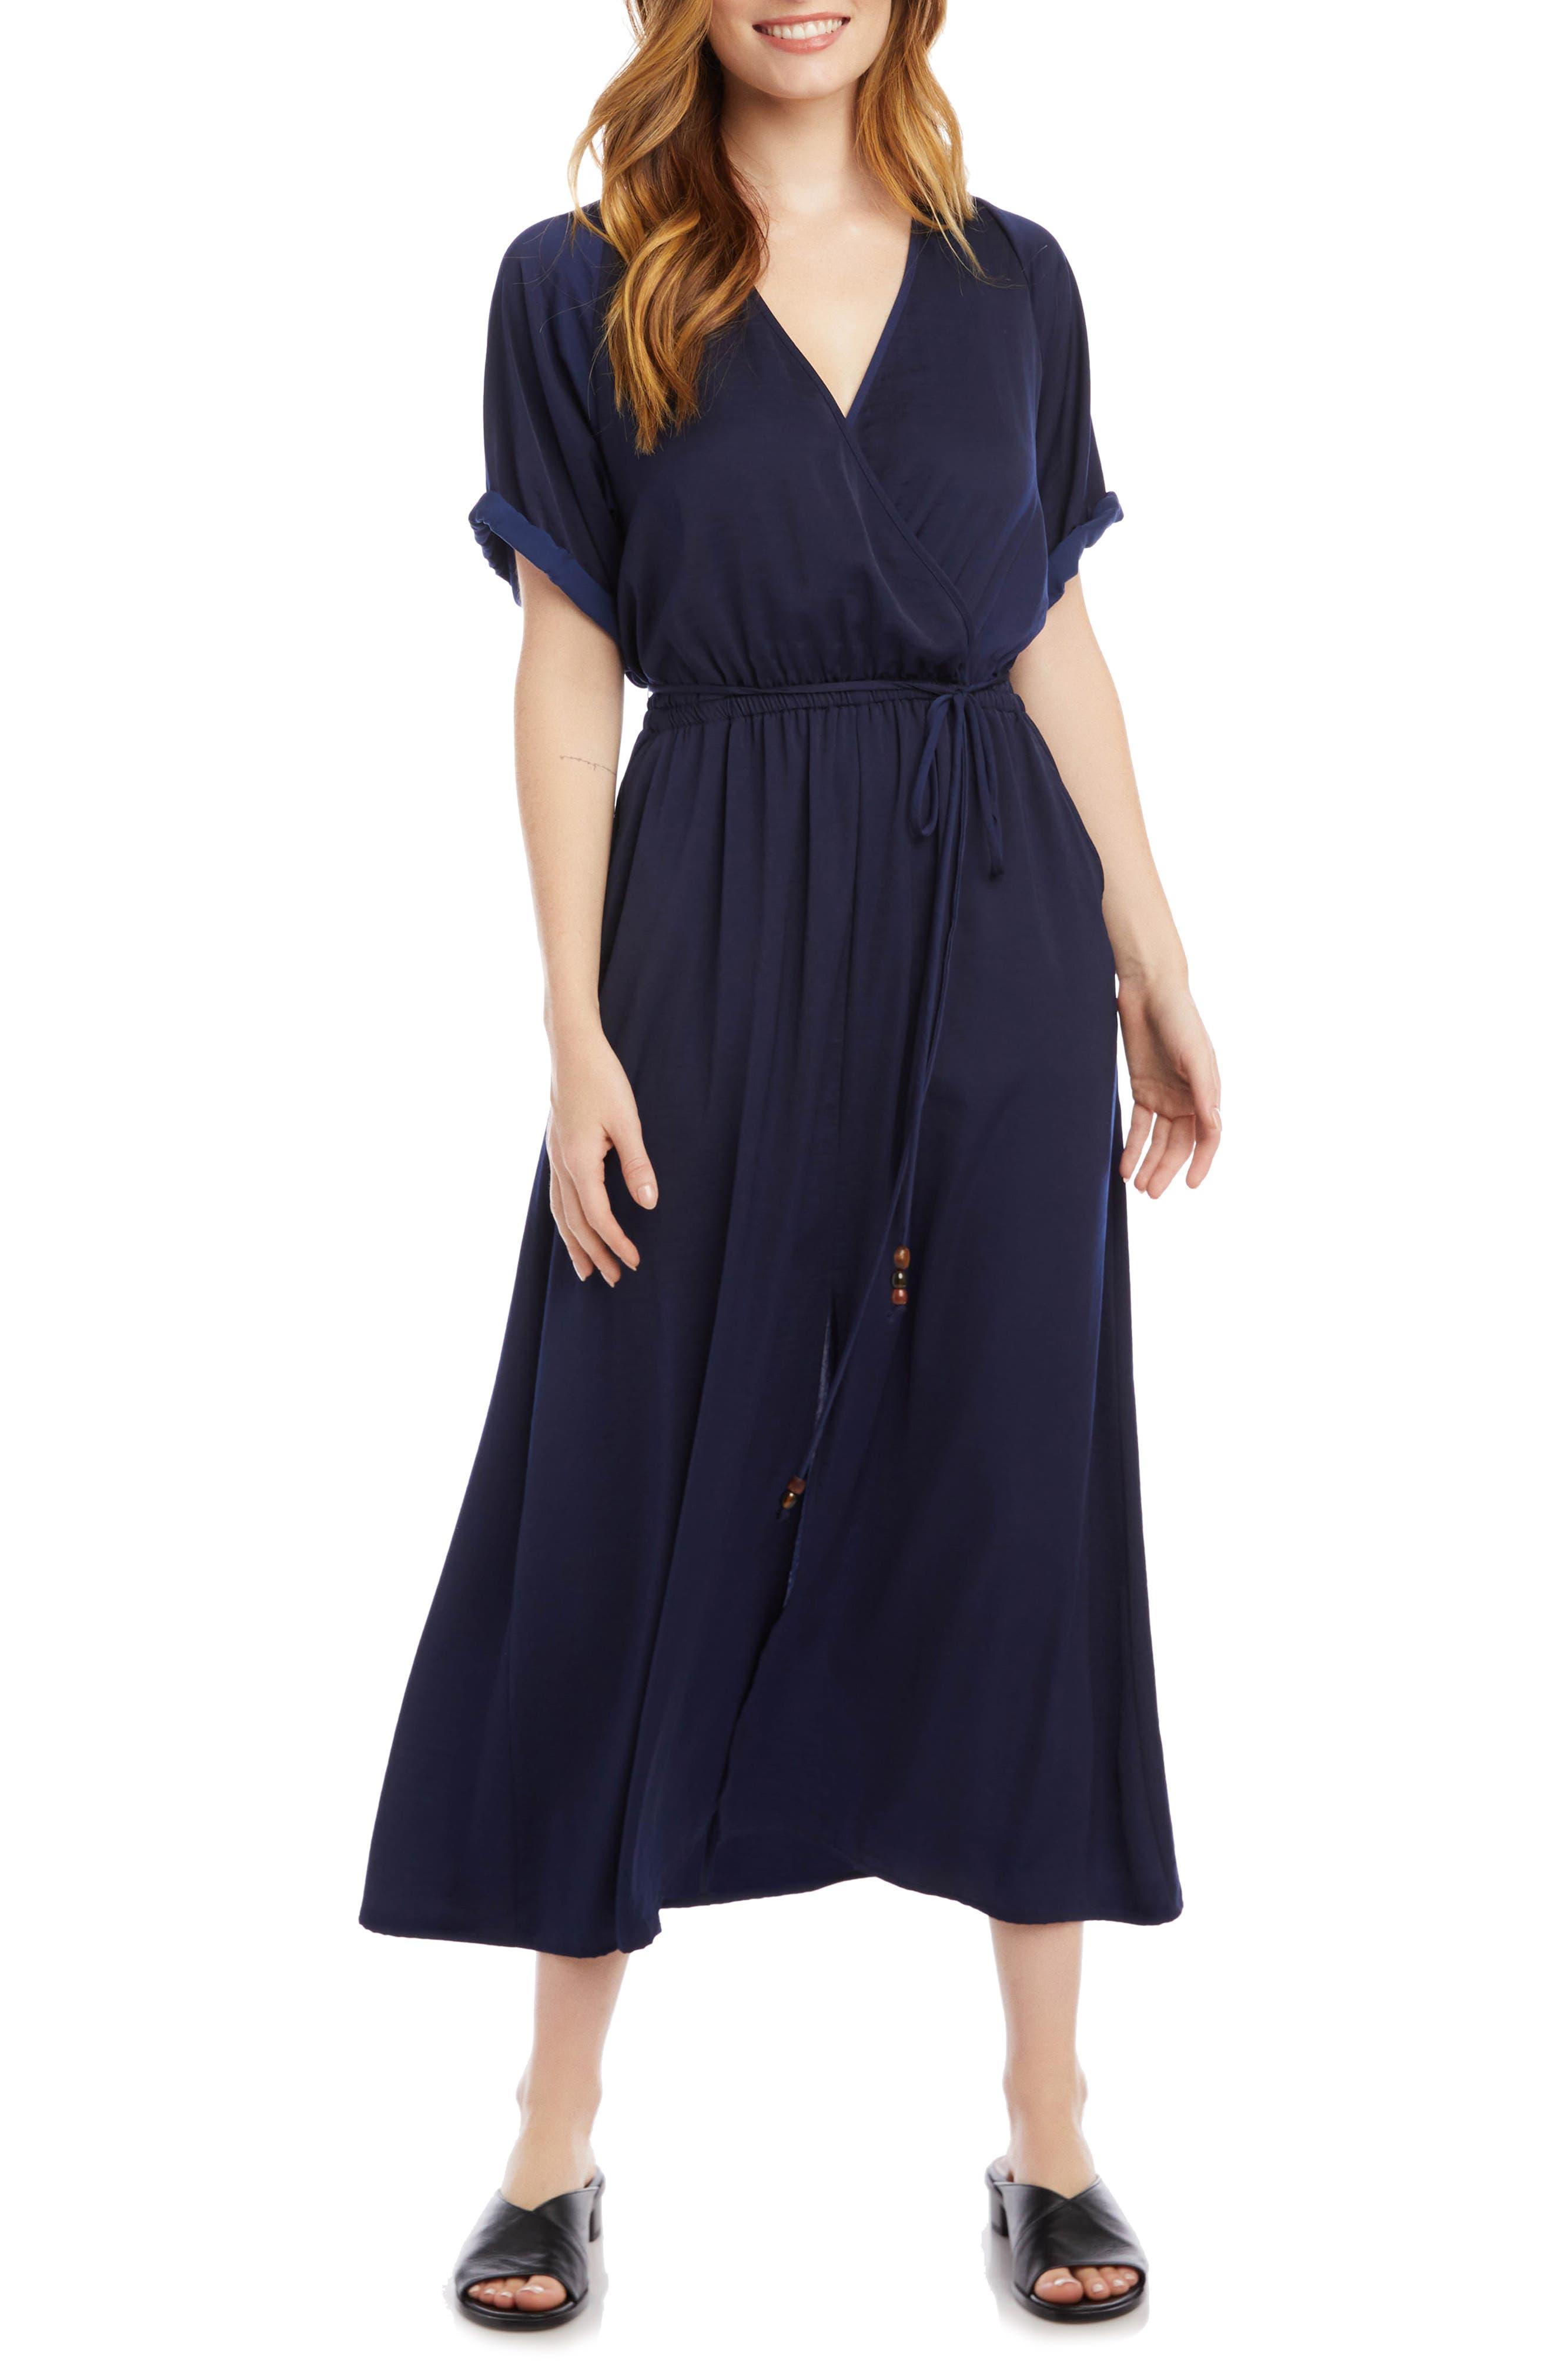 Cuffed Sleeve Midi Dress